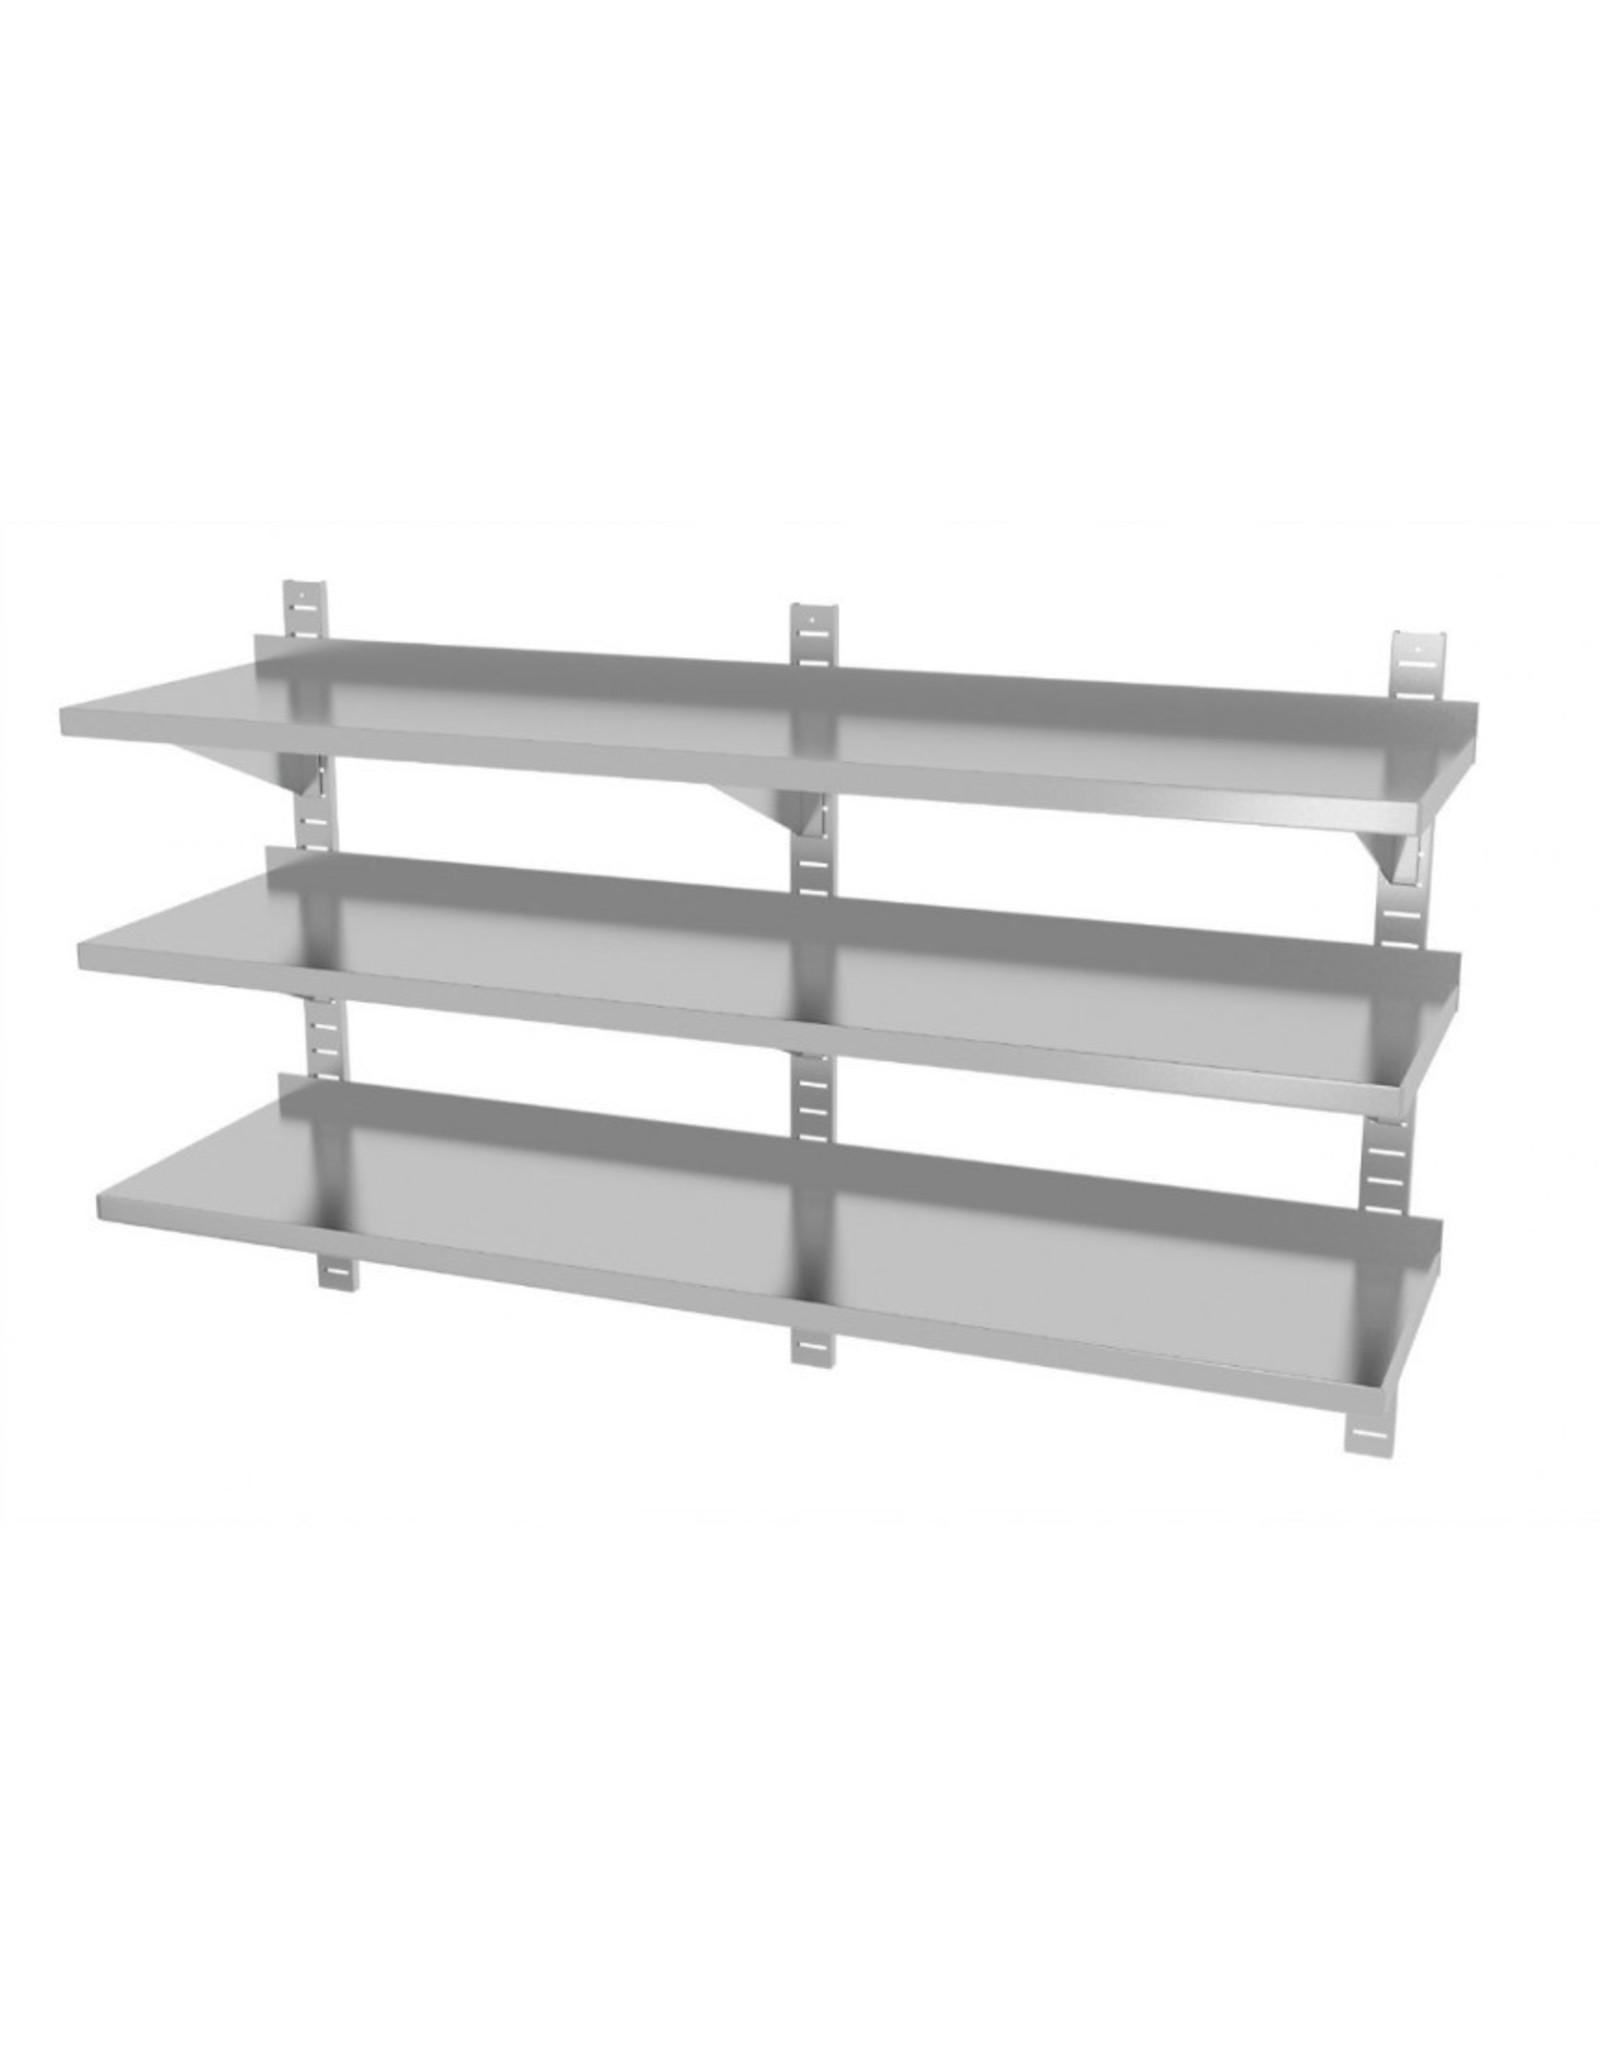 Wandplank | 3 planken | met 3 beugels | 1600-2000mm breed | 300 of 400mm diep